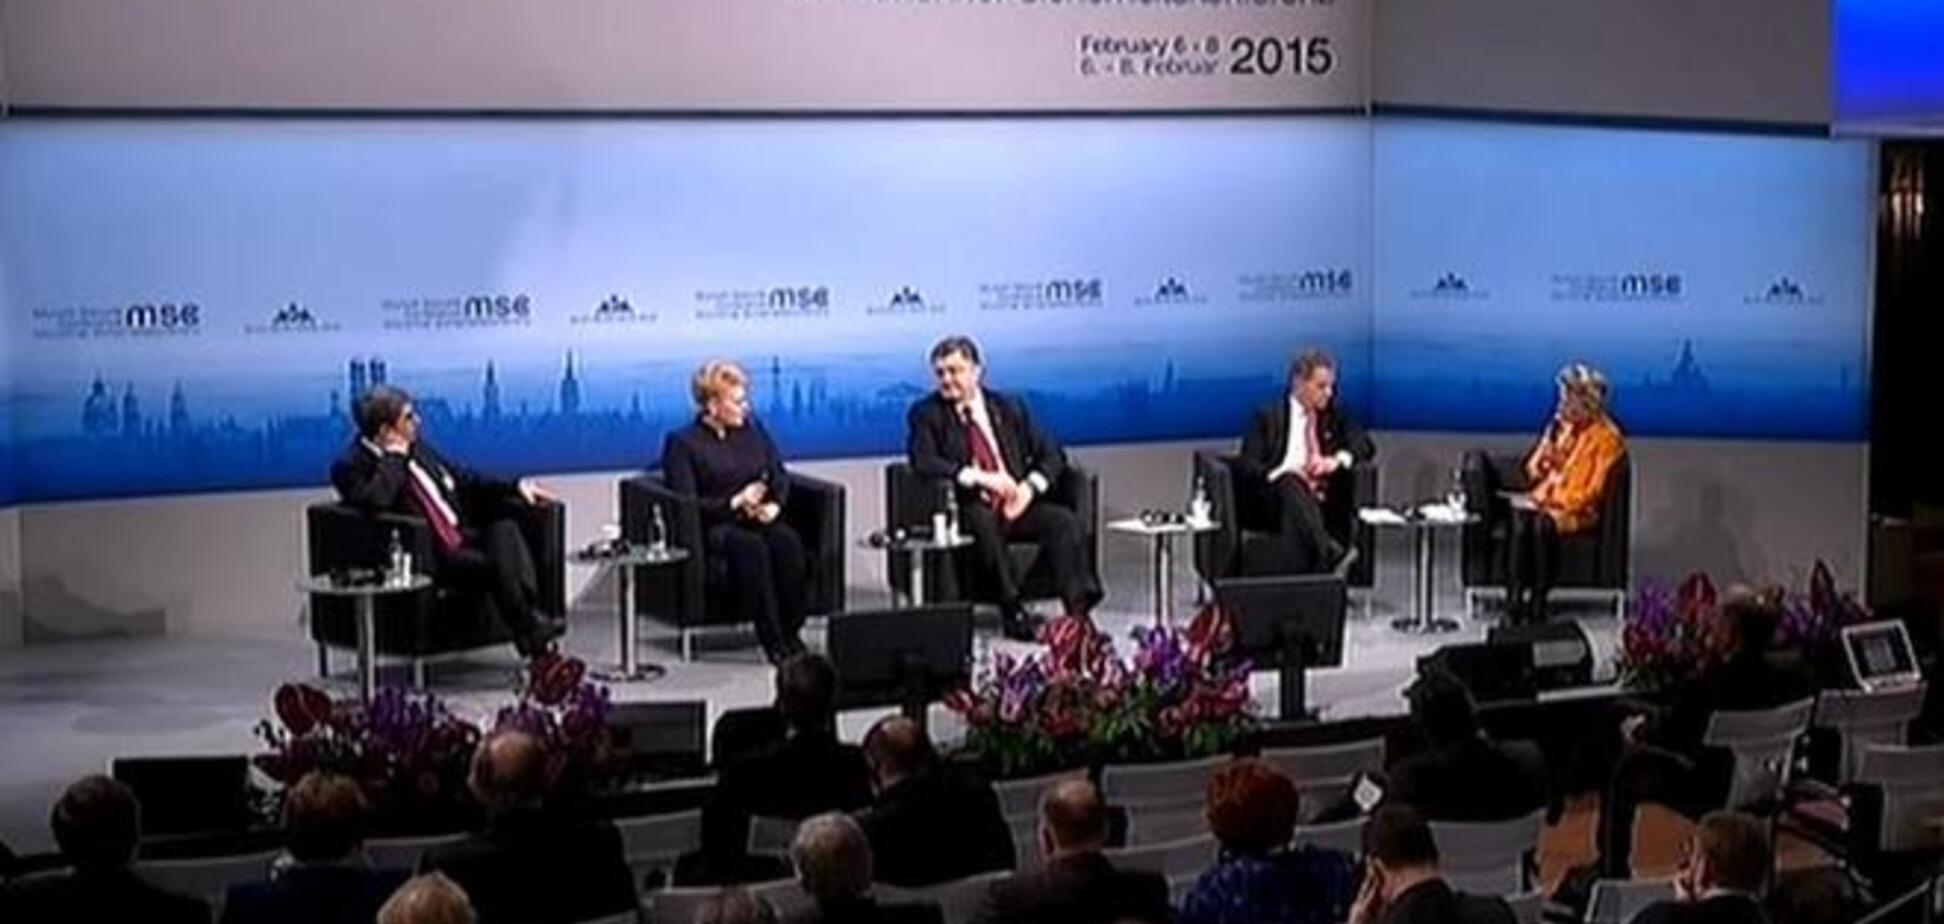 Порошенко выступил на конференции в Мюнхене